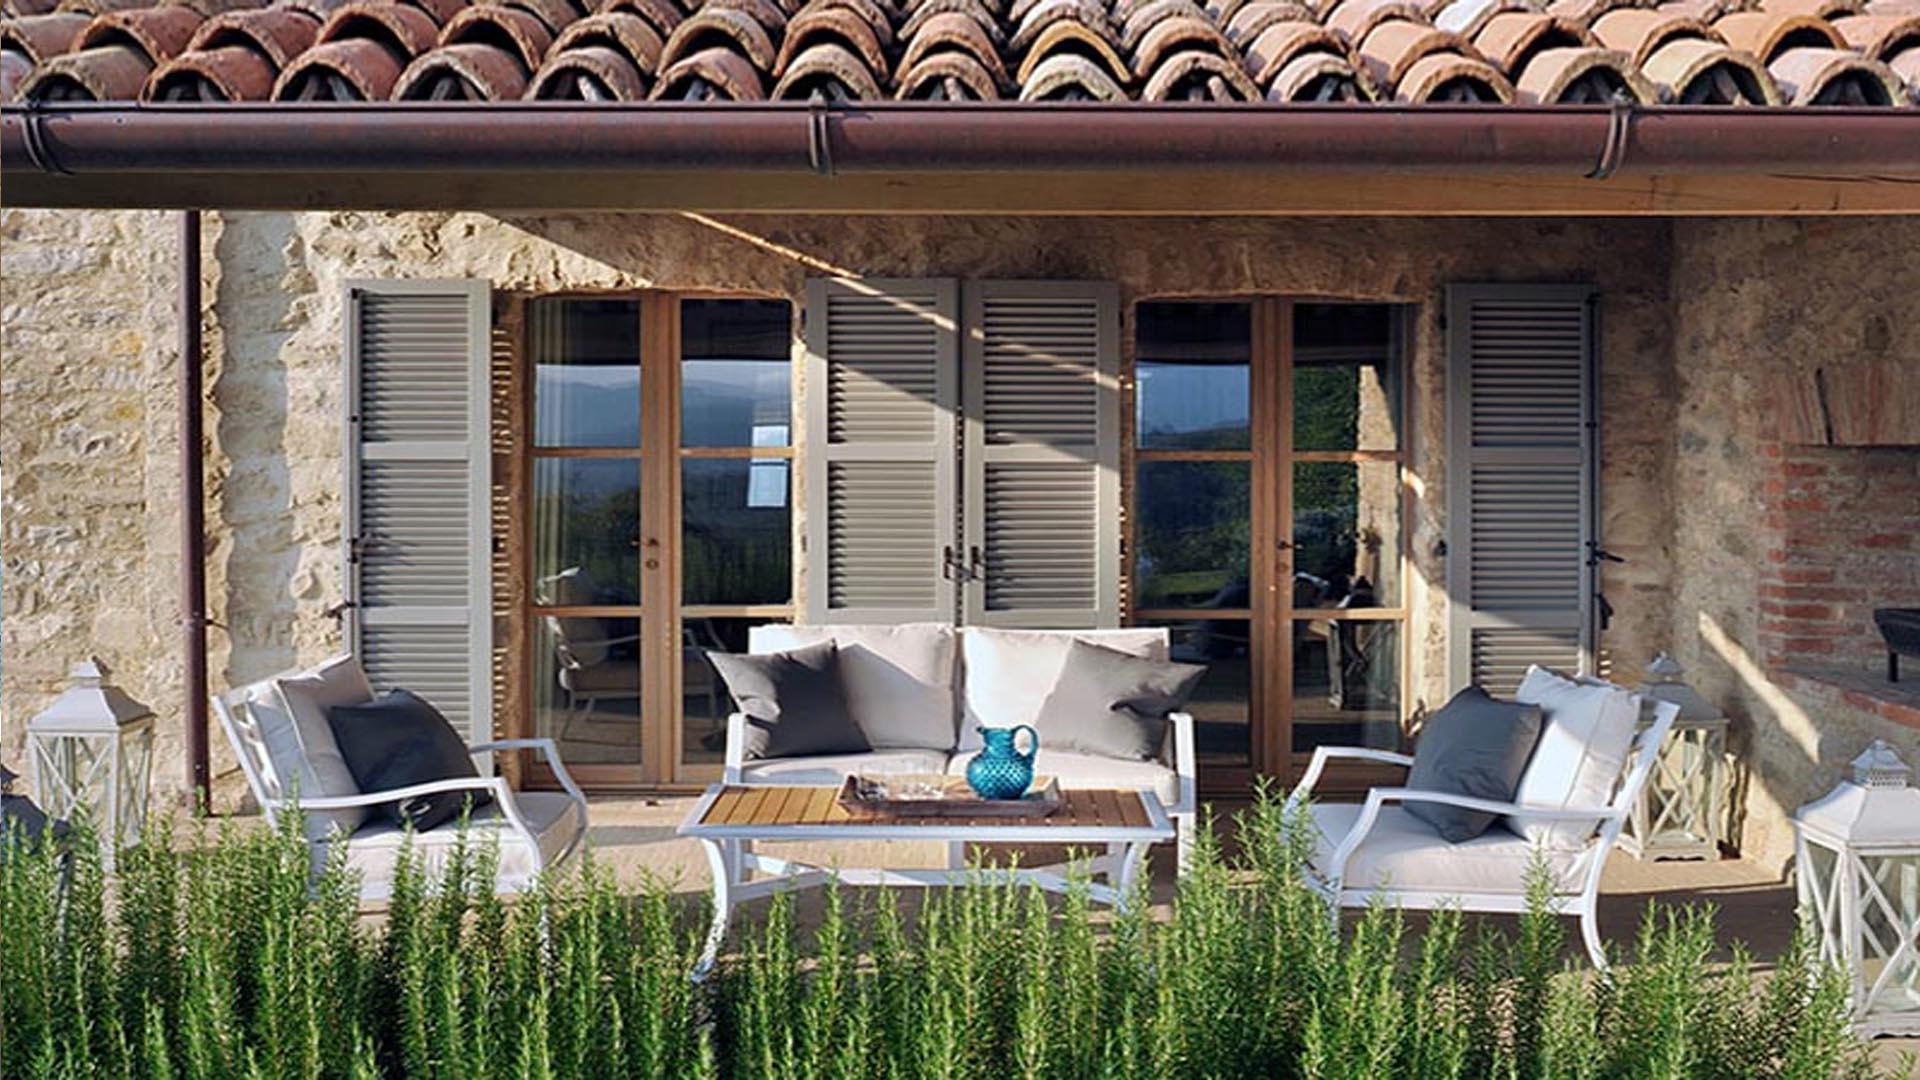 Итальянские одноэтажные домики по периметру полностью окружены тенистыми террасами и навесами